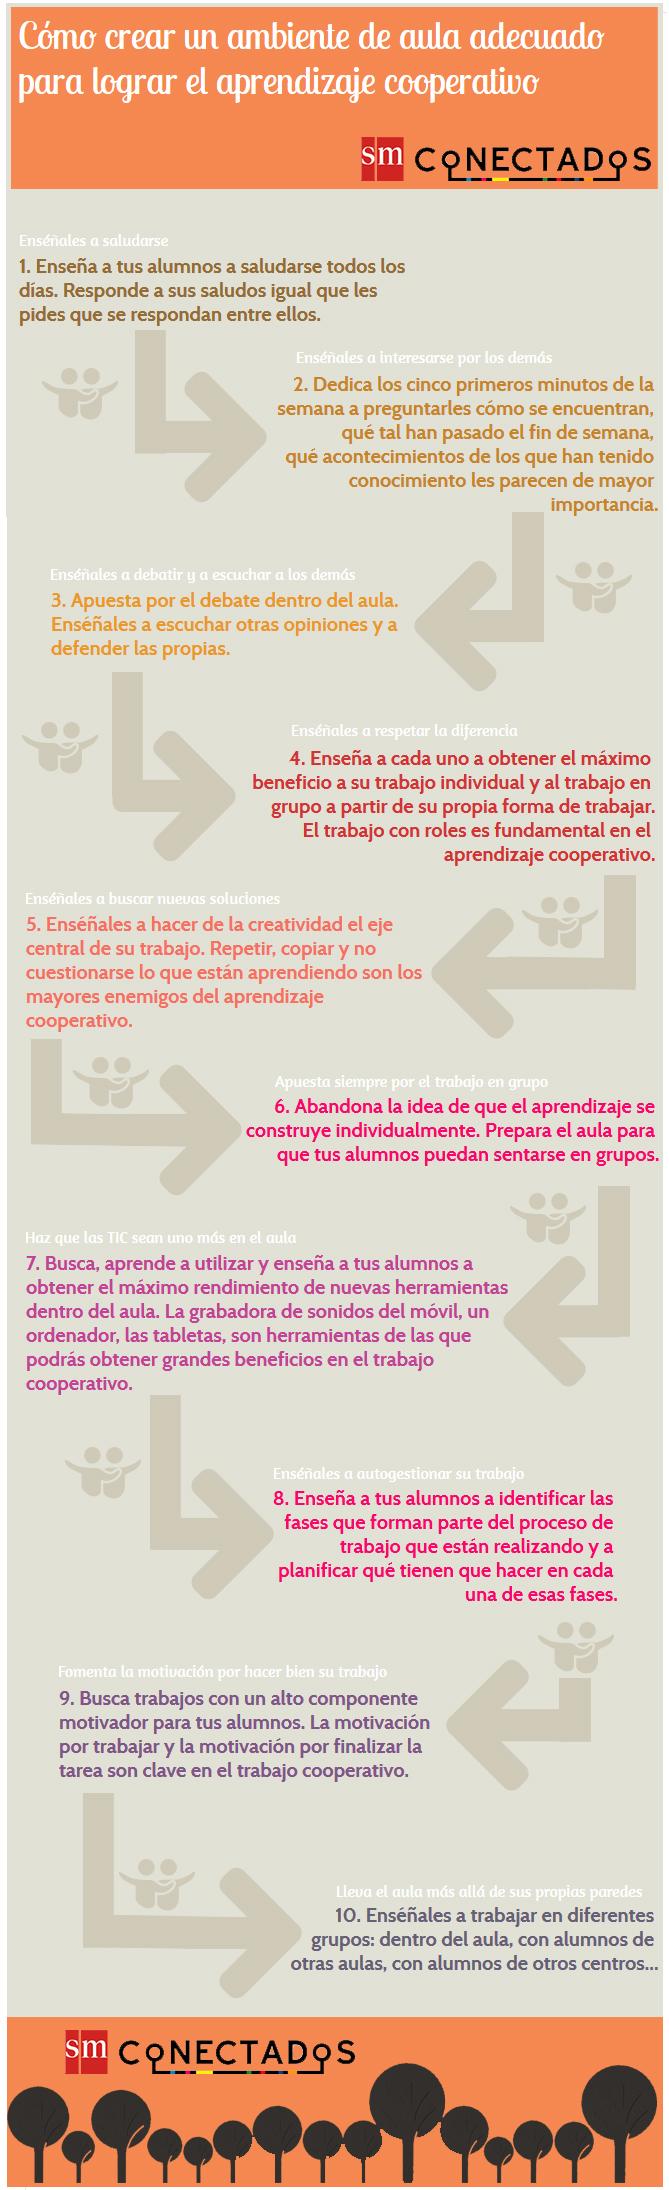 Cómo crear un ambiente adecuado para el aprendizaje cooperativo